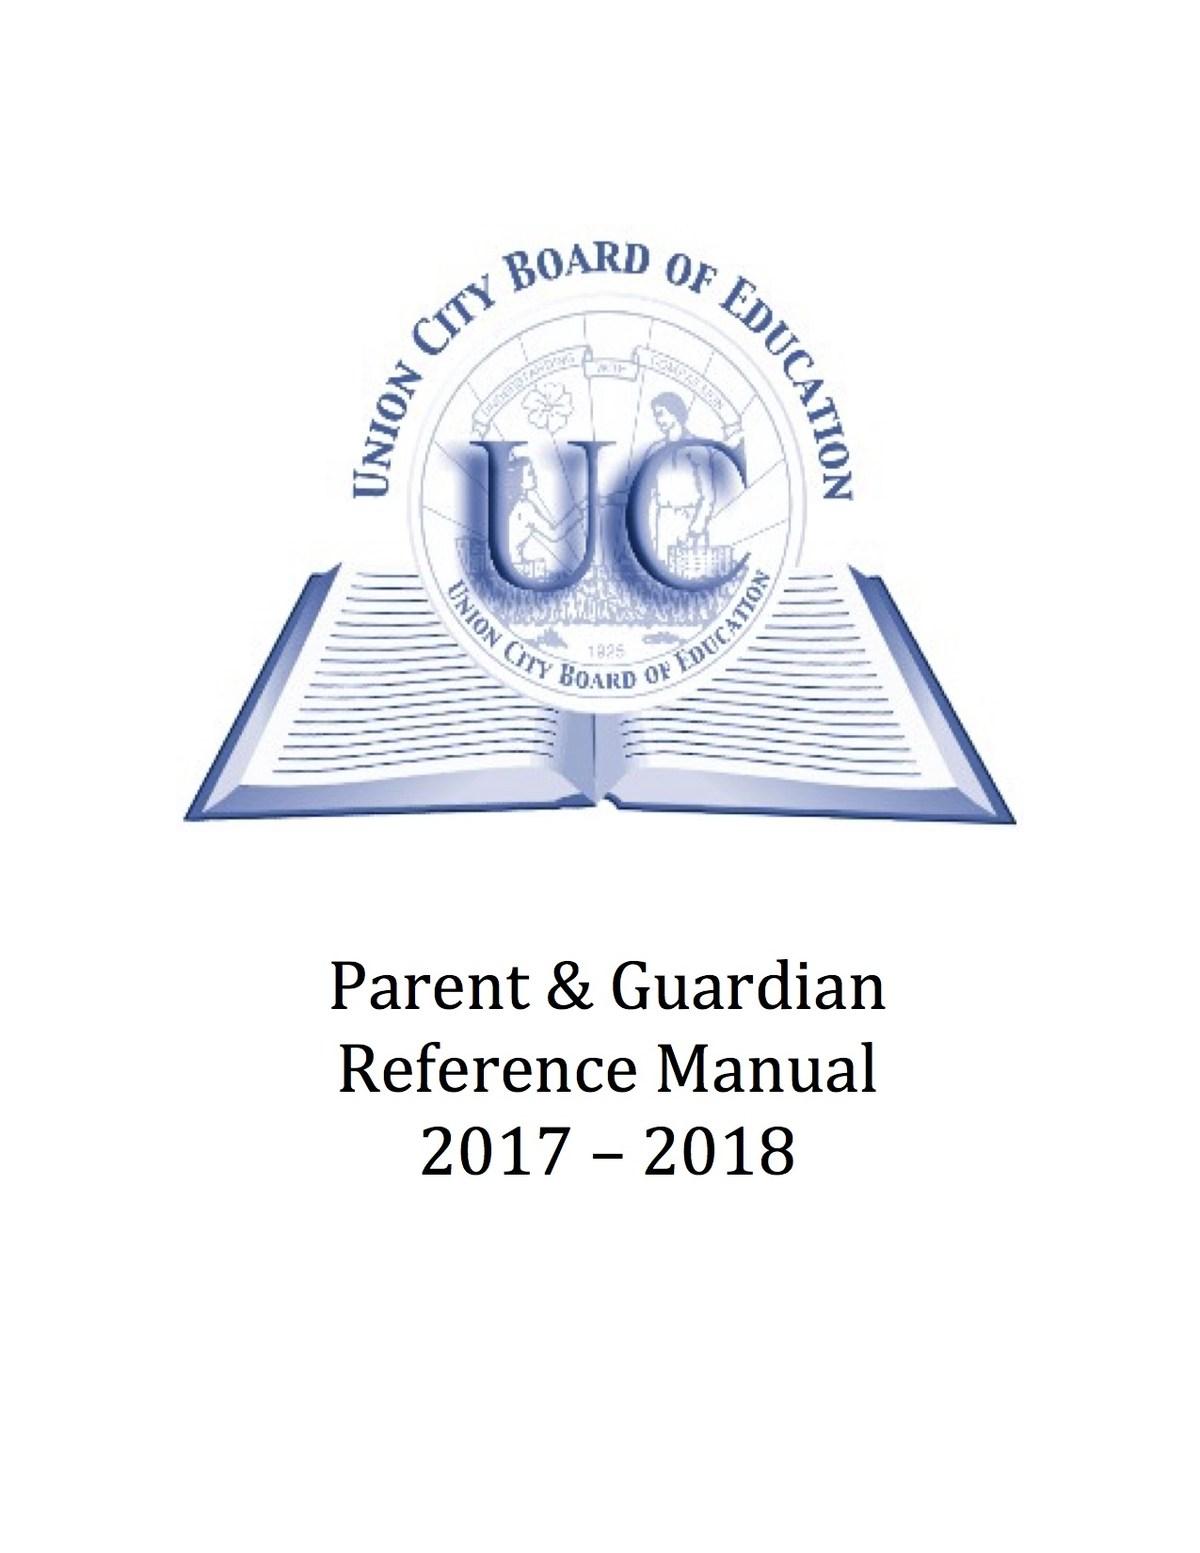 parent teacher cover page image